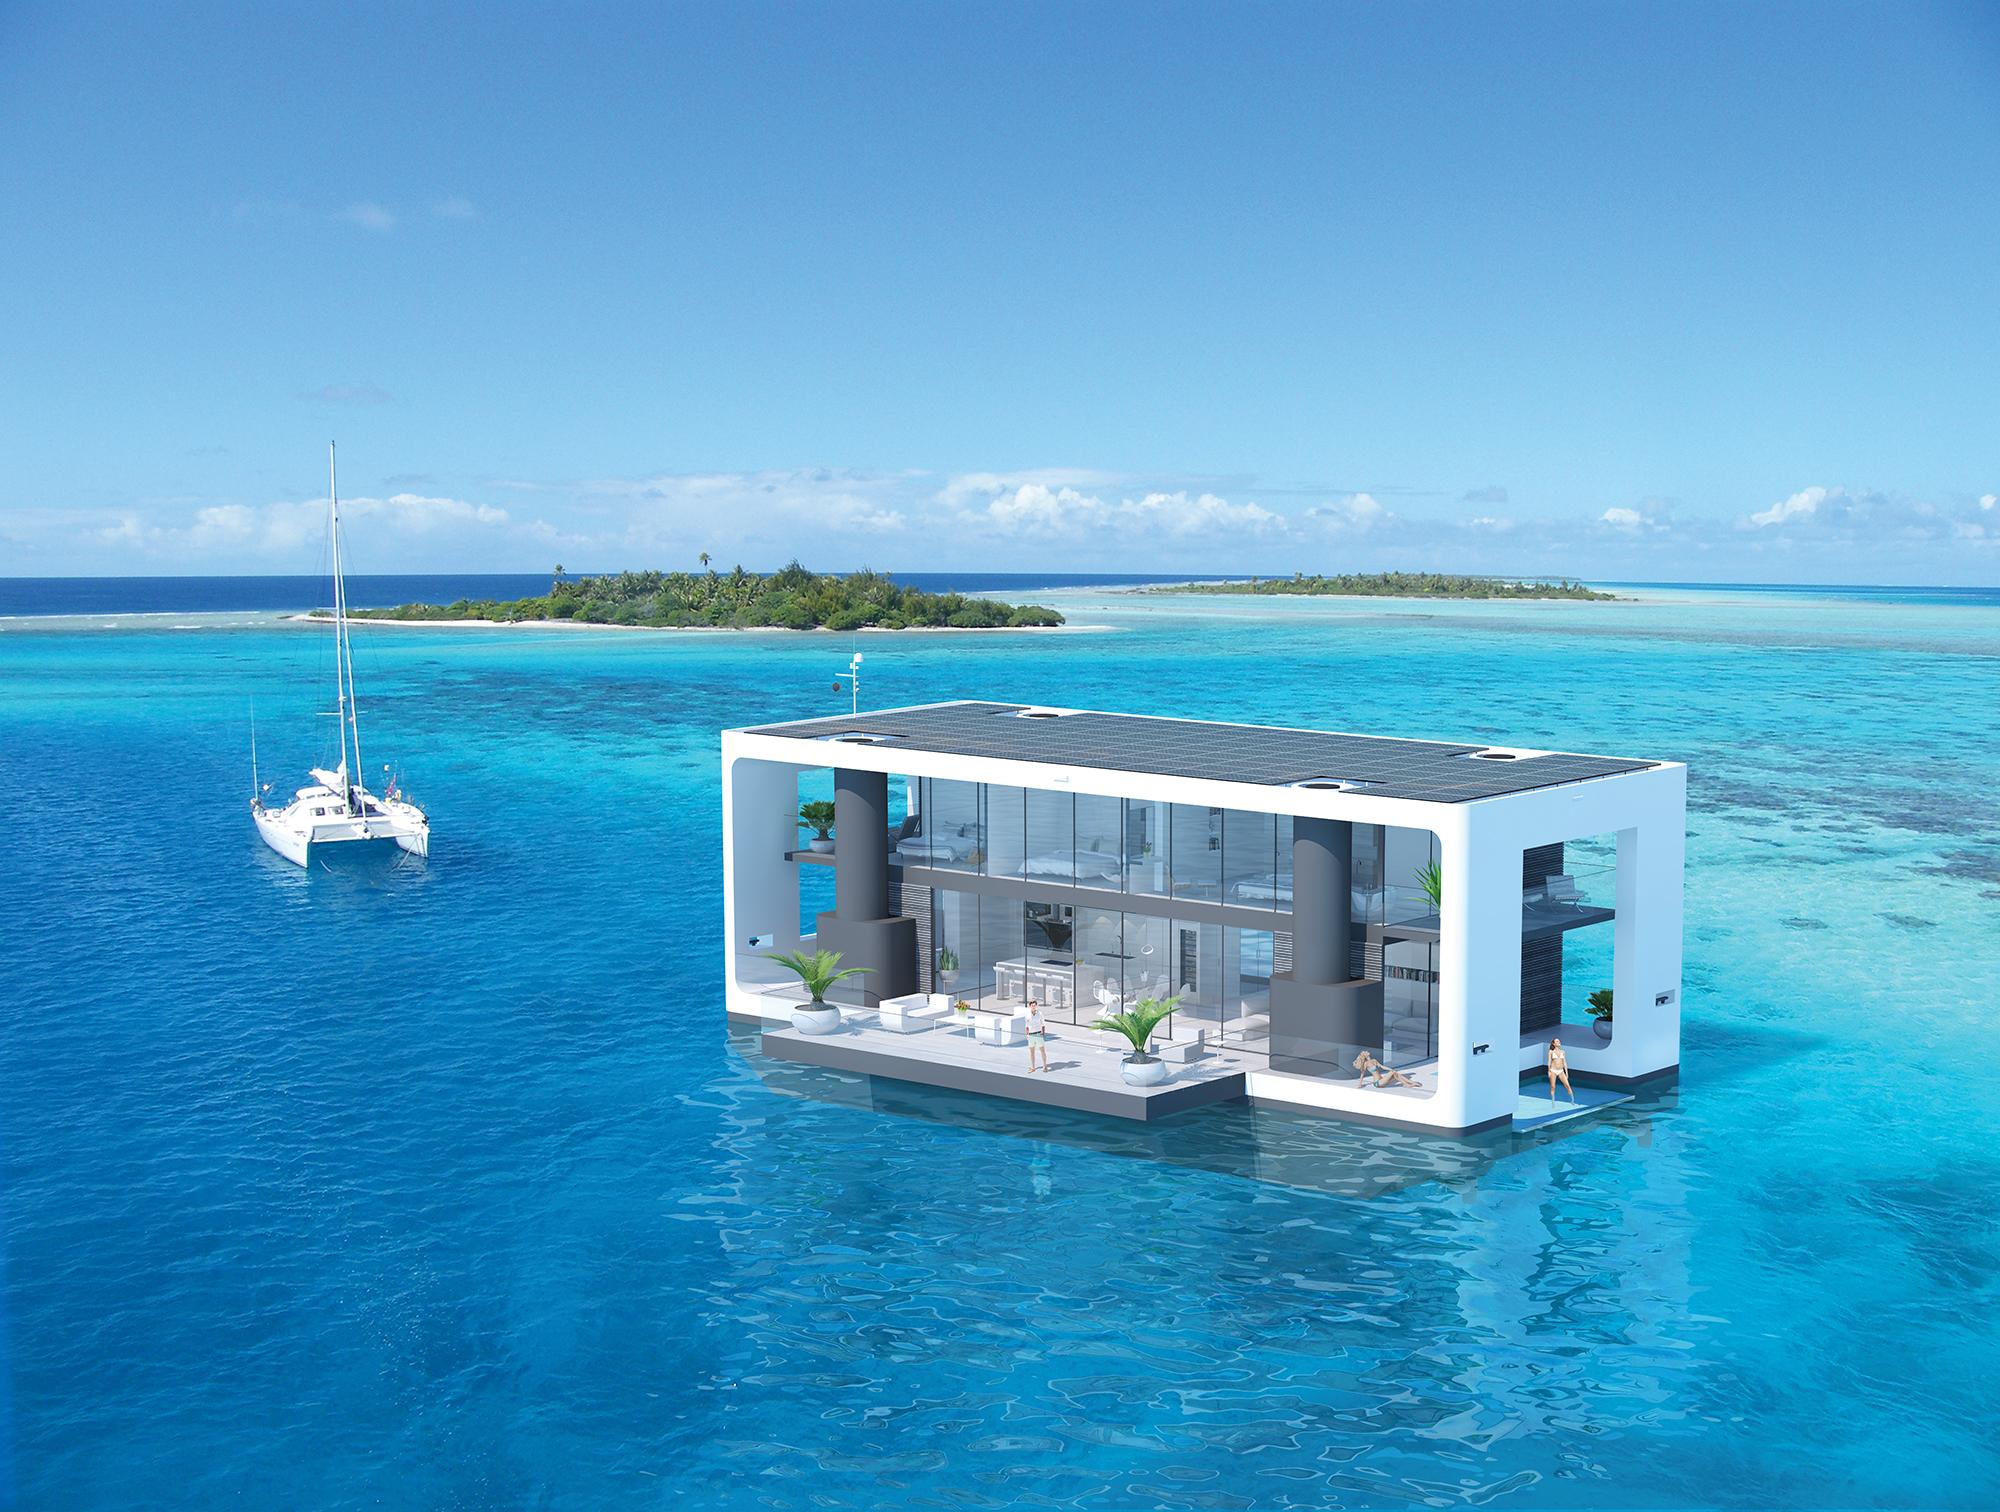 Maison flottante écologique Arkup